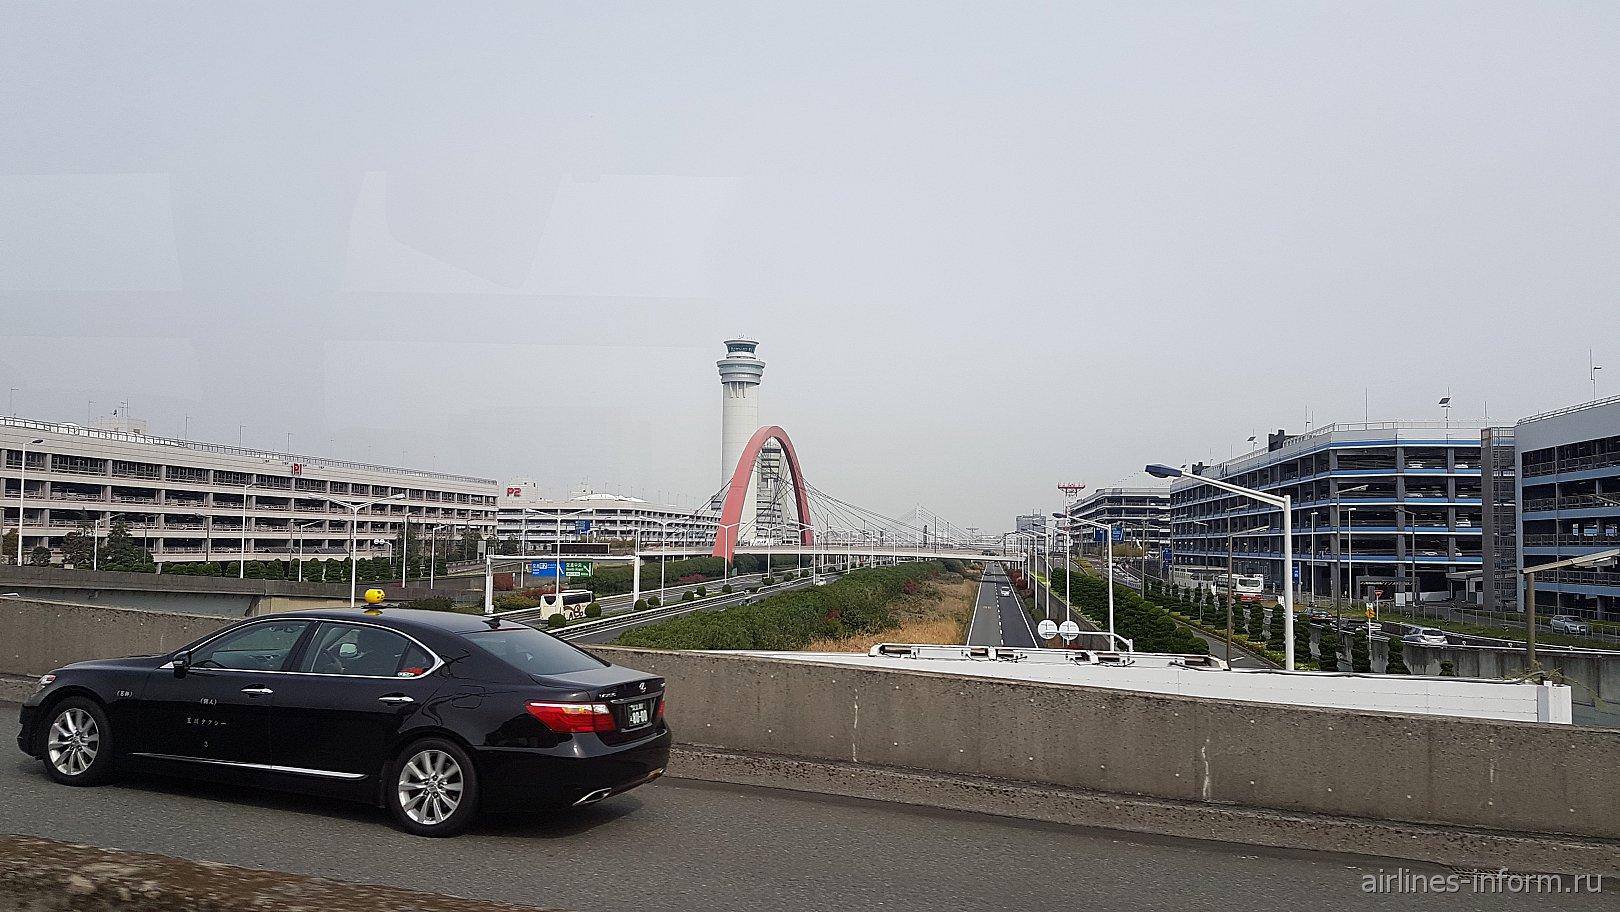 Автомобильные парковки в аэропорту Токио Нарита